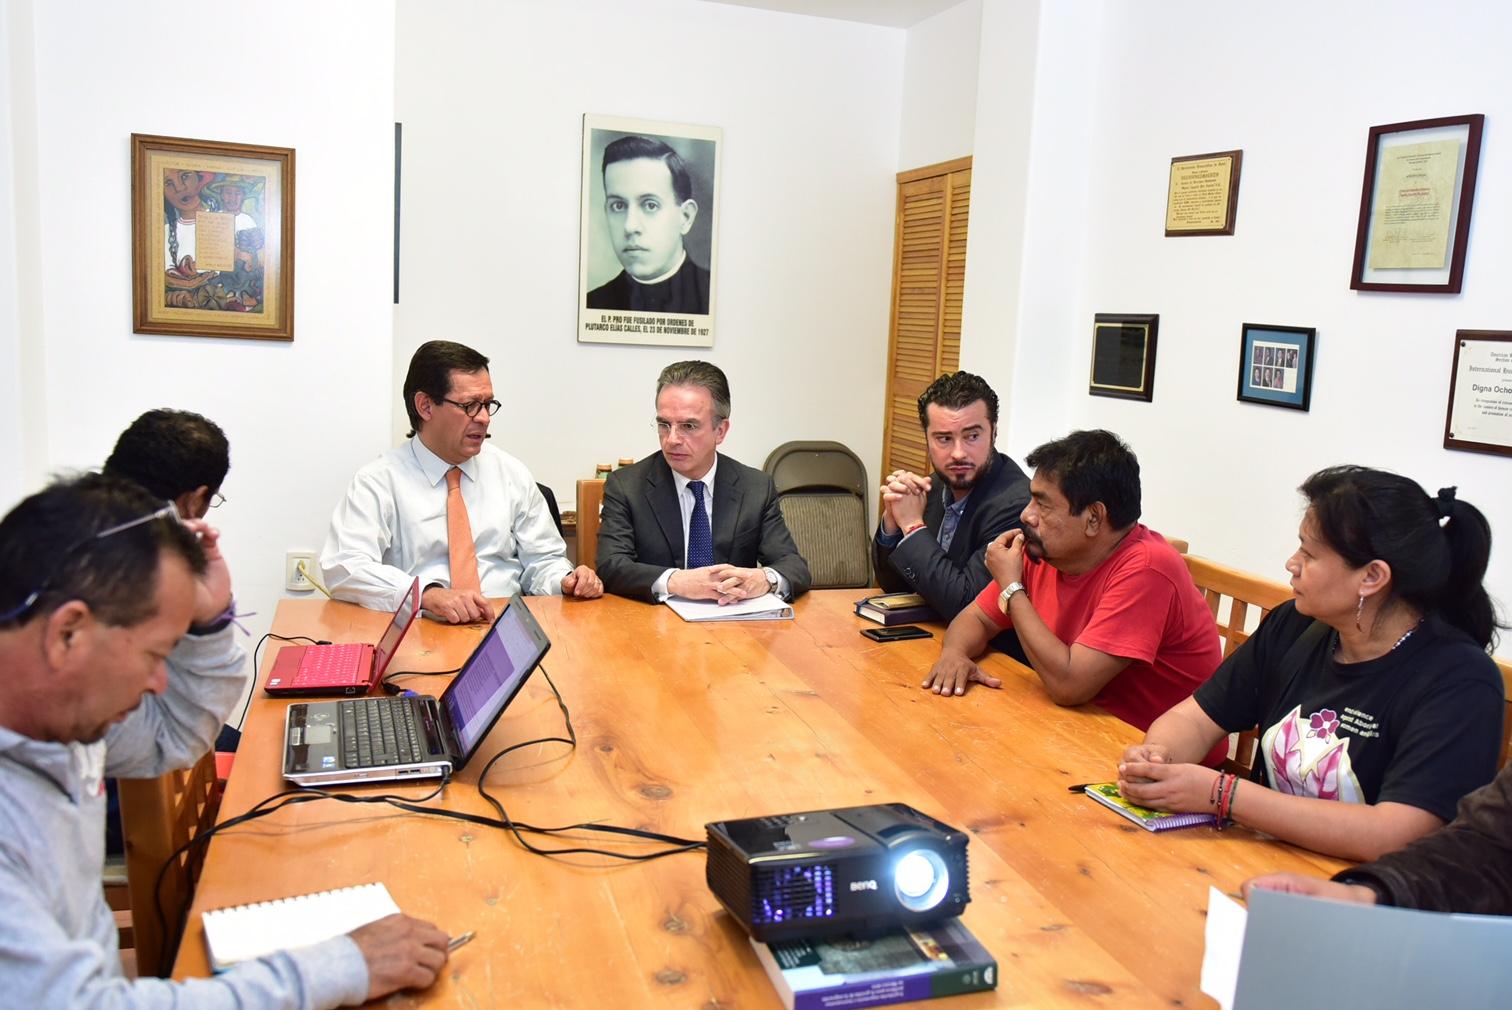 Los subsecretarios de Derechos Humanos, Roberto Campa Cifrián, y para Asuntos Multilaterales y Derechos Humanos de la SRE, embajador Miguel Ruíz Cabañas, se reunieron con madres y padres estudiantes desapreciados de la Normal Rural Raúl Isidro Burgos.